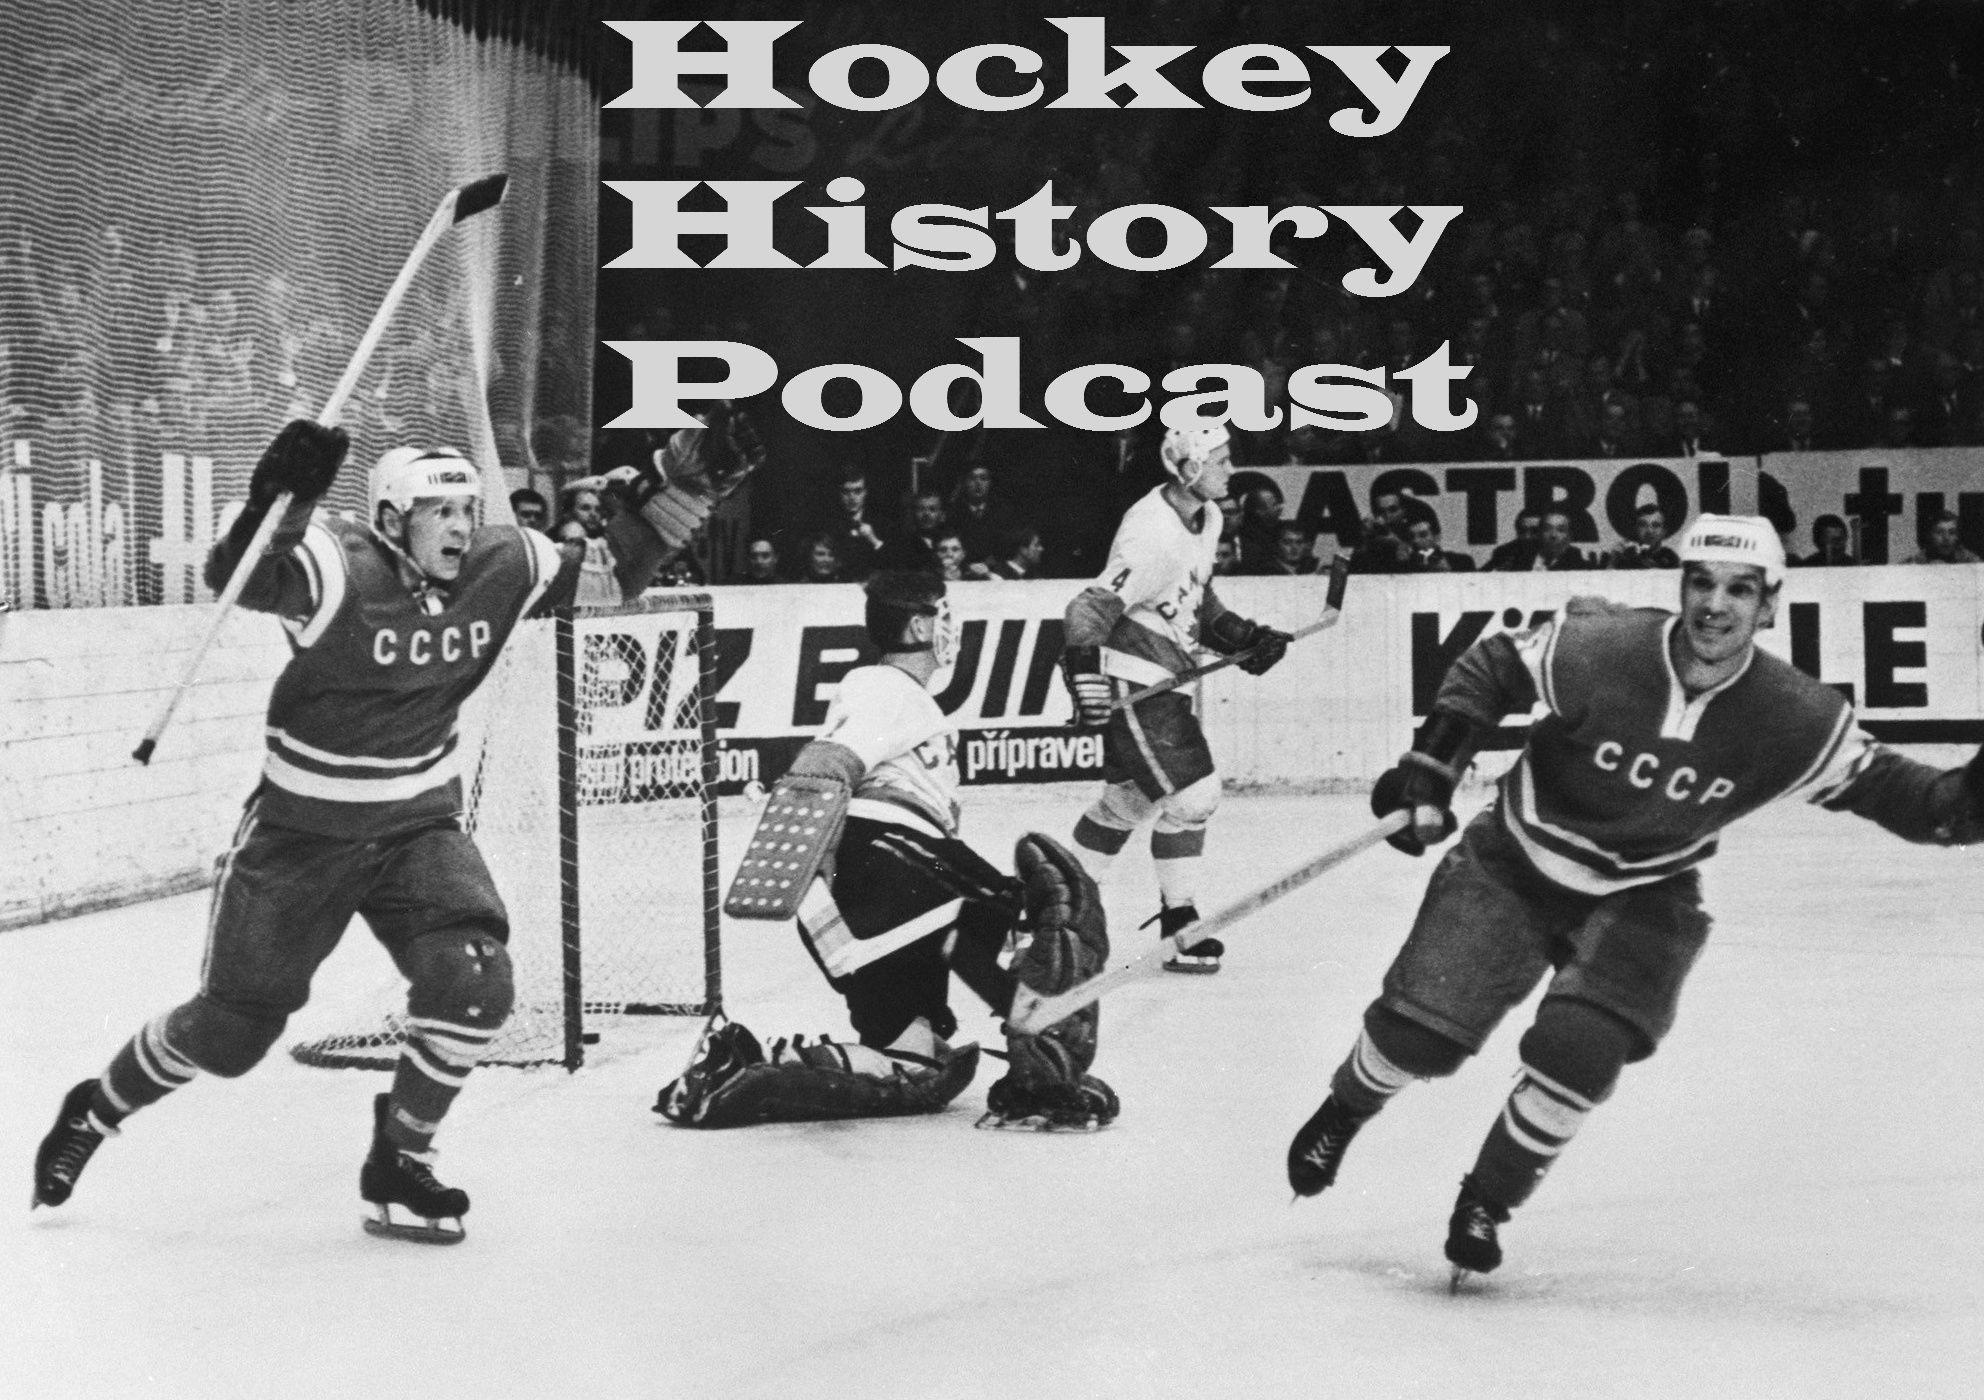 Hockey History Podcast